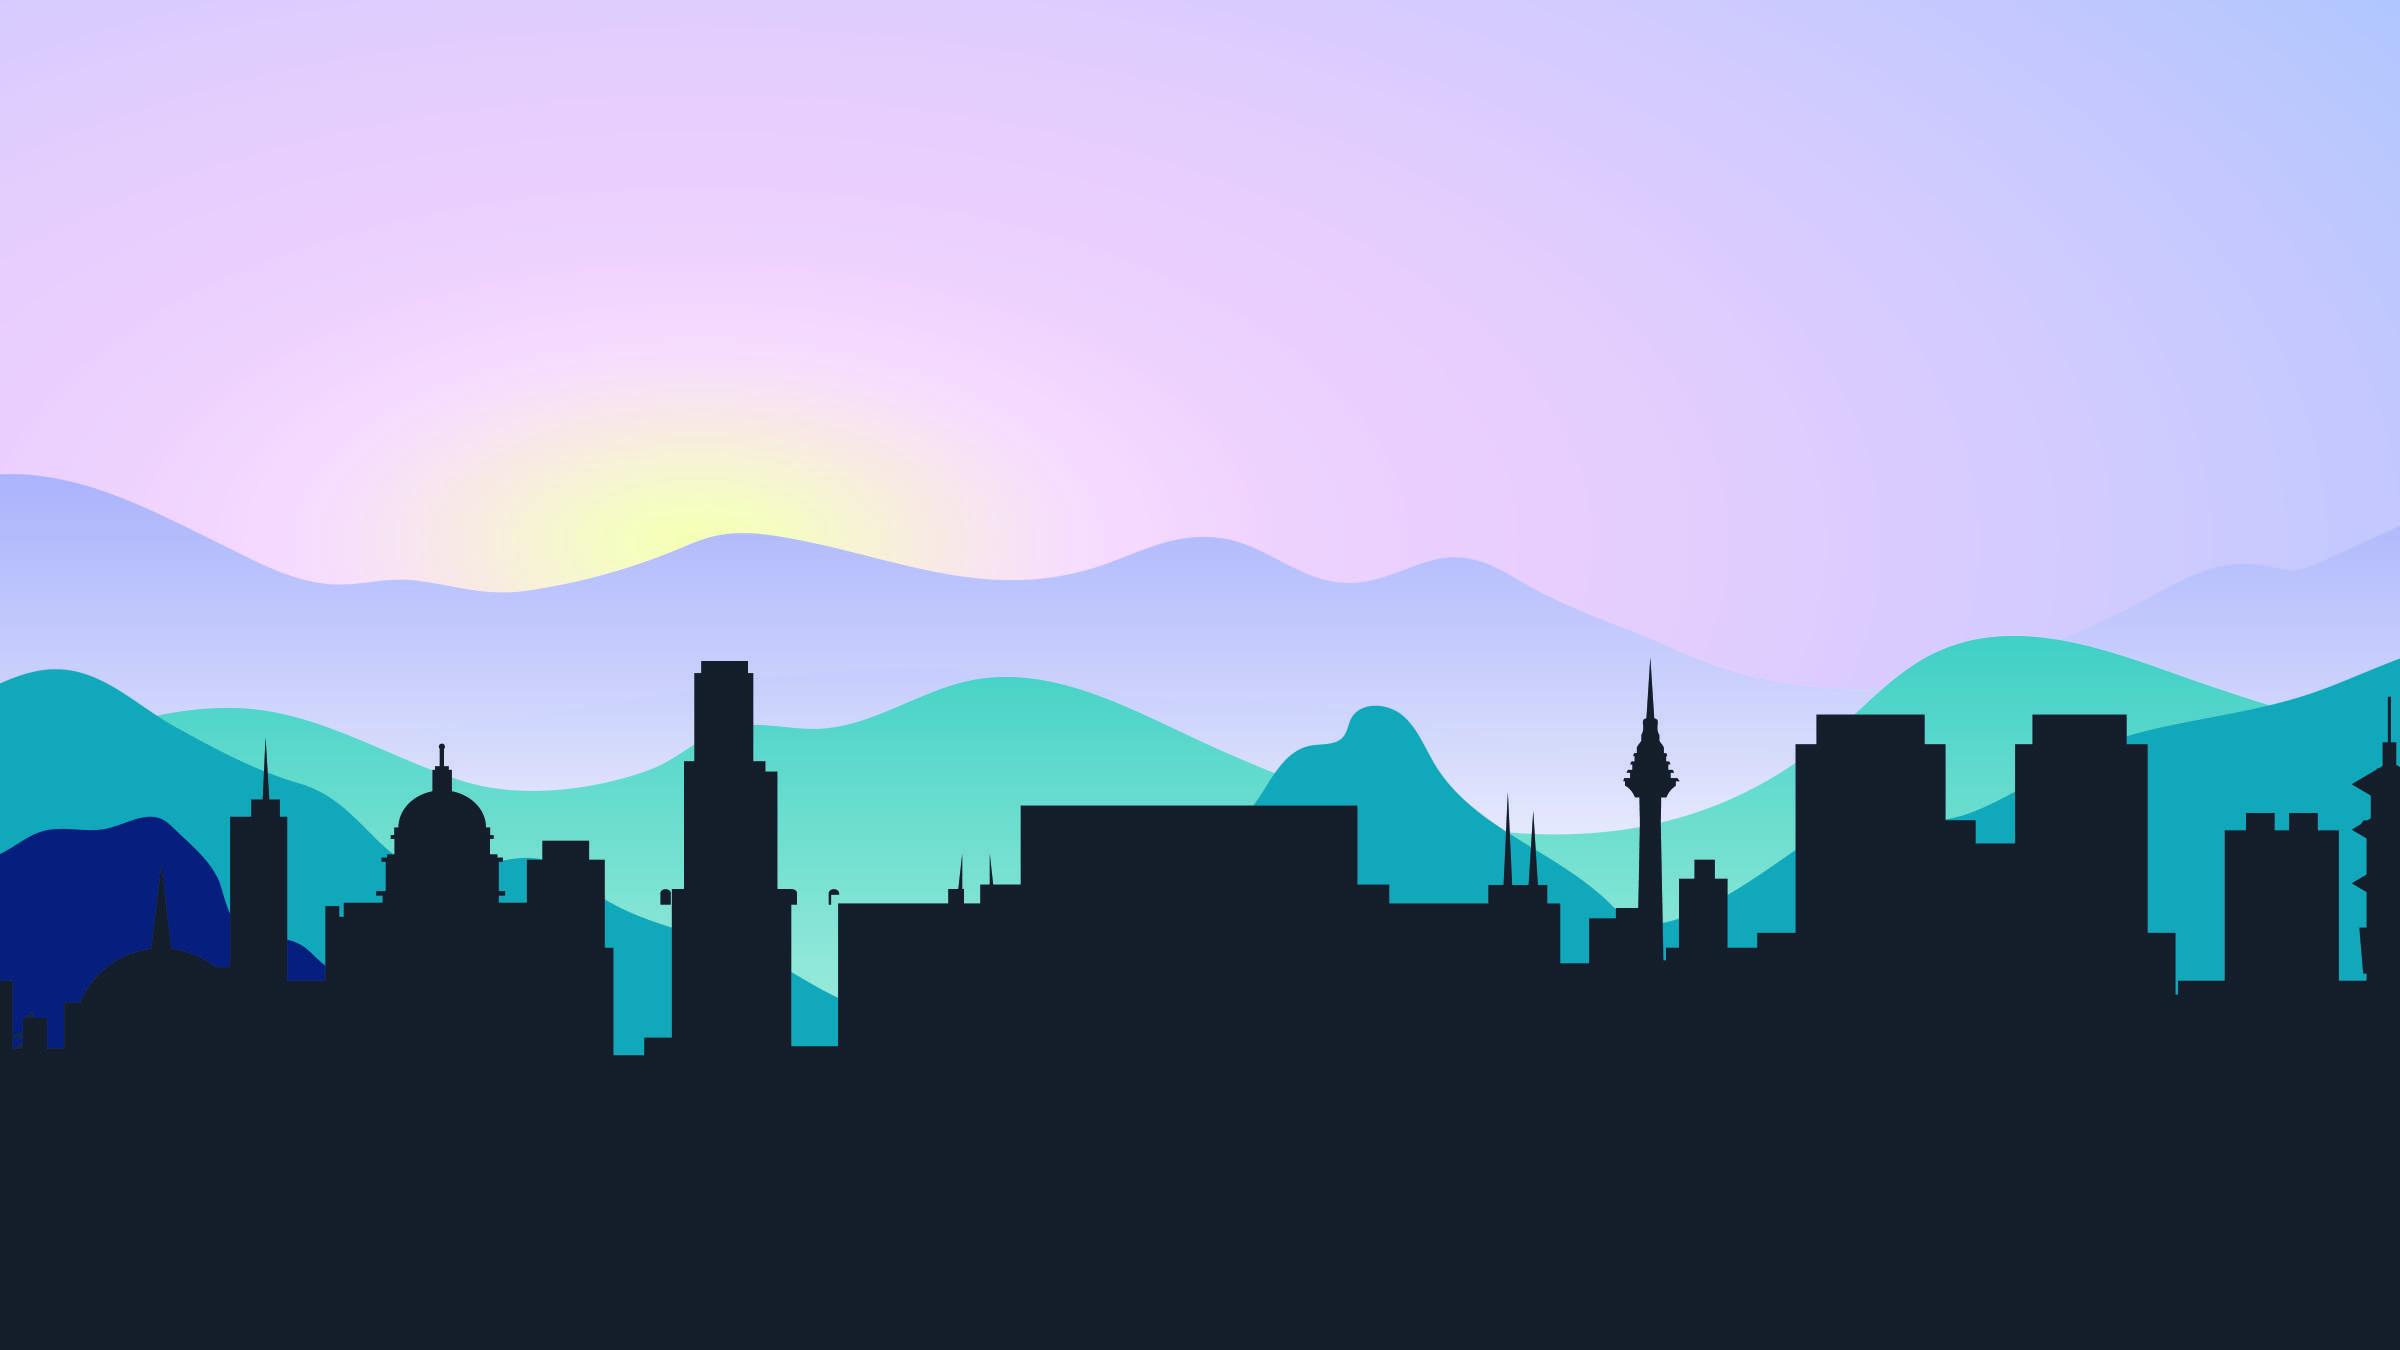 Background no logo-01.jpg